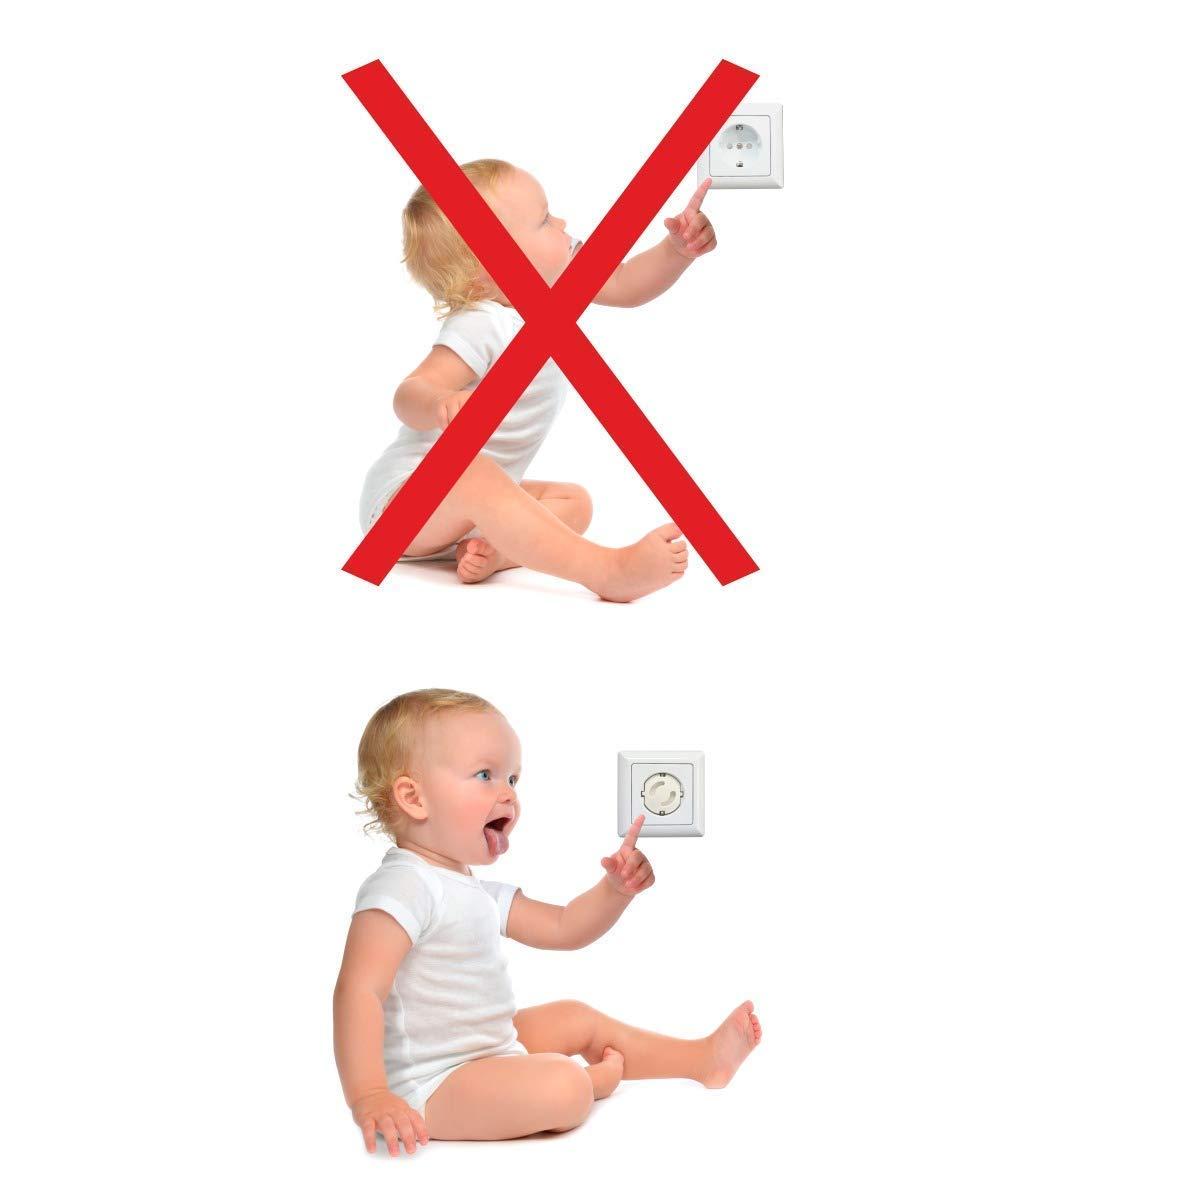 Canwn Steckdosensicherung Steckdosenschutz f/ür Baby und Kinder Kindersicherheit 07 Kindersicherung f/ür Steckdose mit Drehmechanik